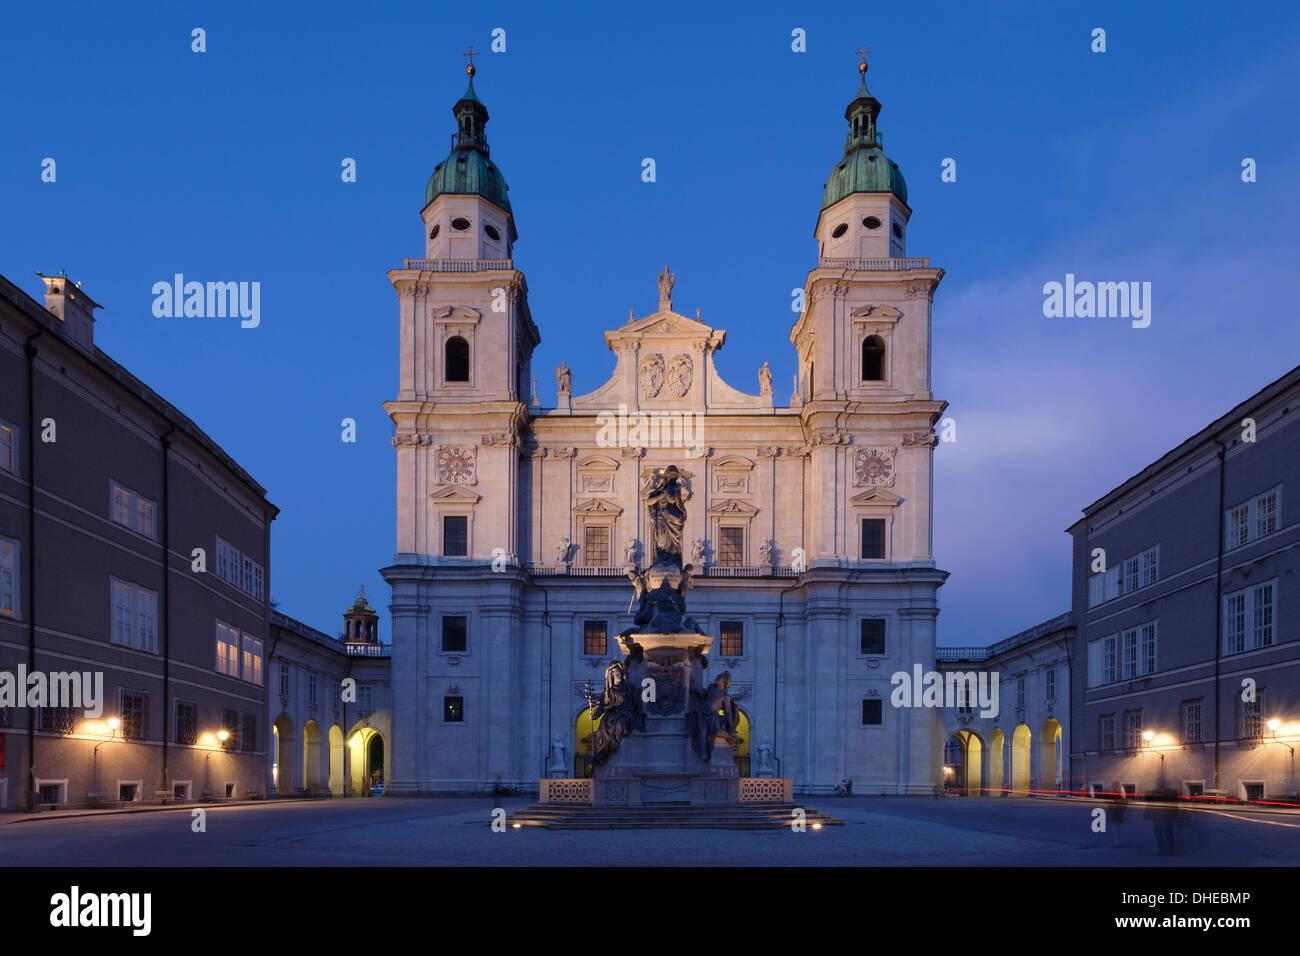 Platz der Domplatz mit Dom Kathedrale und Mariensaule Spalte in der Abenddämmerung, Salzburg, Salzburger Land, Österreich, Europa Stockbild